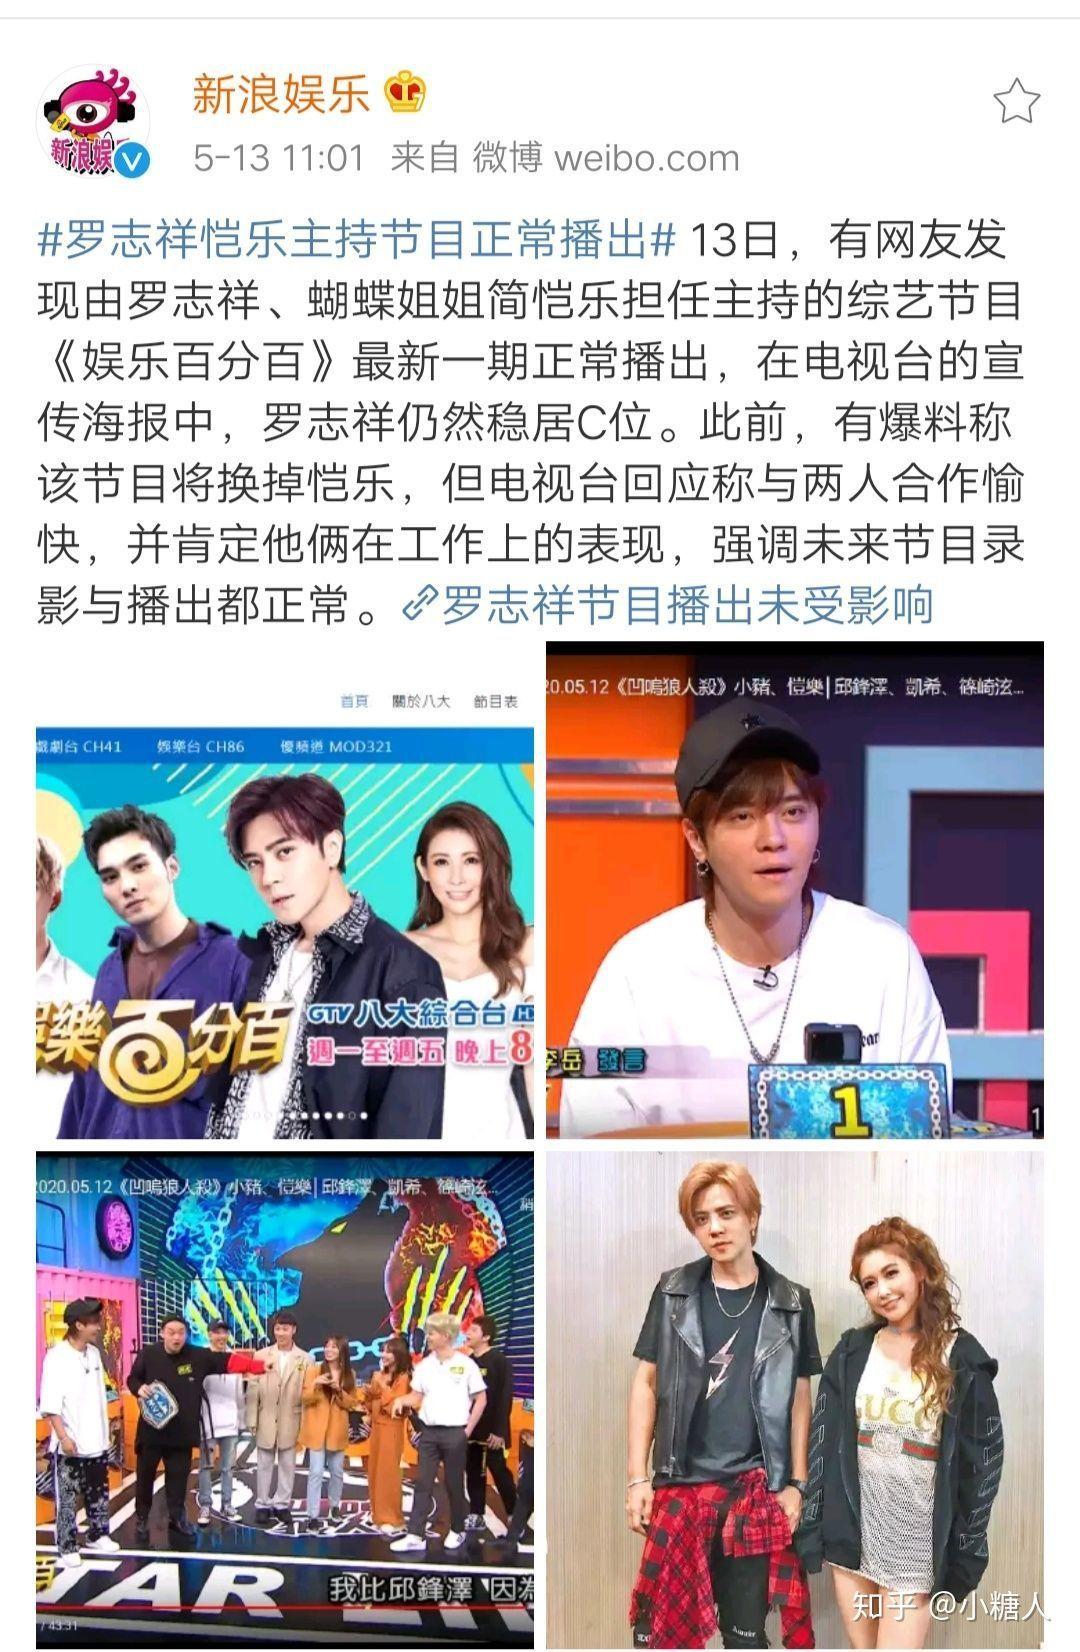 如何看待罗志祥恺乐主持节目正常播出,罗志祥仍然为 C 位? 涨姿势 第2张